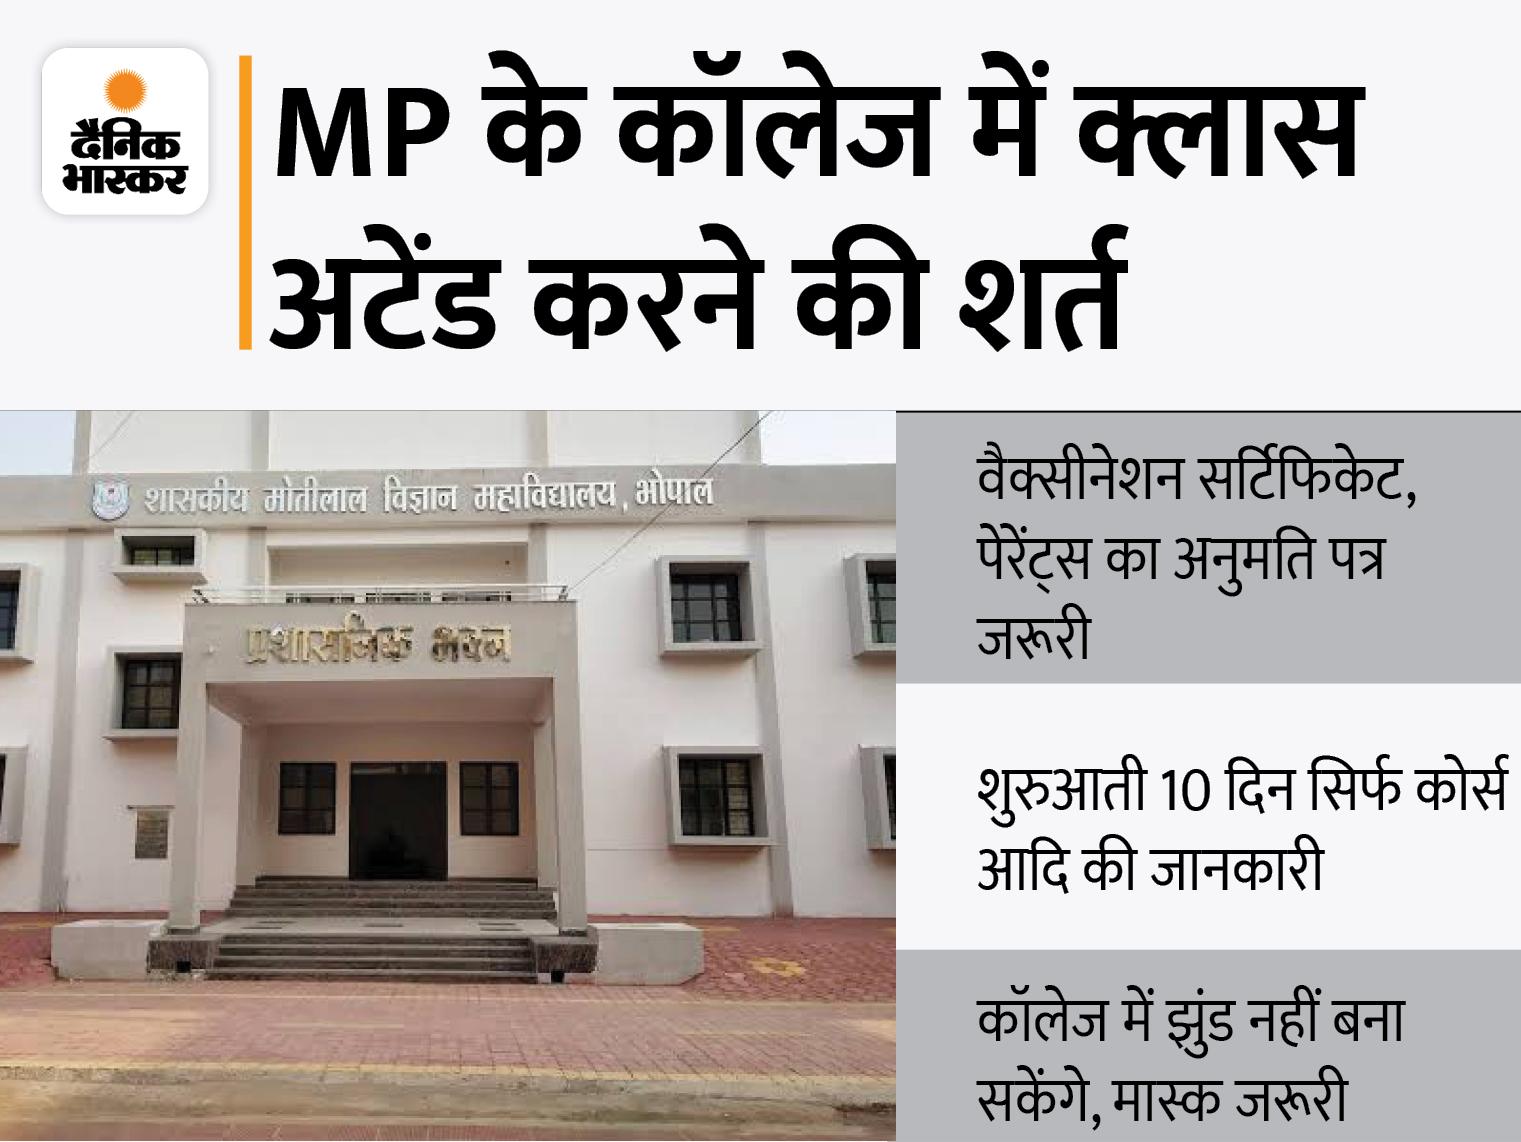 वैक्सीनेशन सर्टिफिकेट और पैरेंट्स की अनुमति जरूरी; अभी कोर्स-सब्जेक्ट्स के बारे में बताएंगे, फ्रेशर्स को अभी हॉस्टल में एंट्री नहीं|मध्य प्रदेश,Madhya Pradesh - Dainik Bhaskar